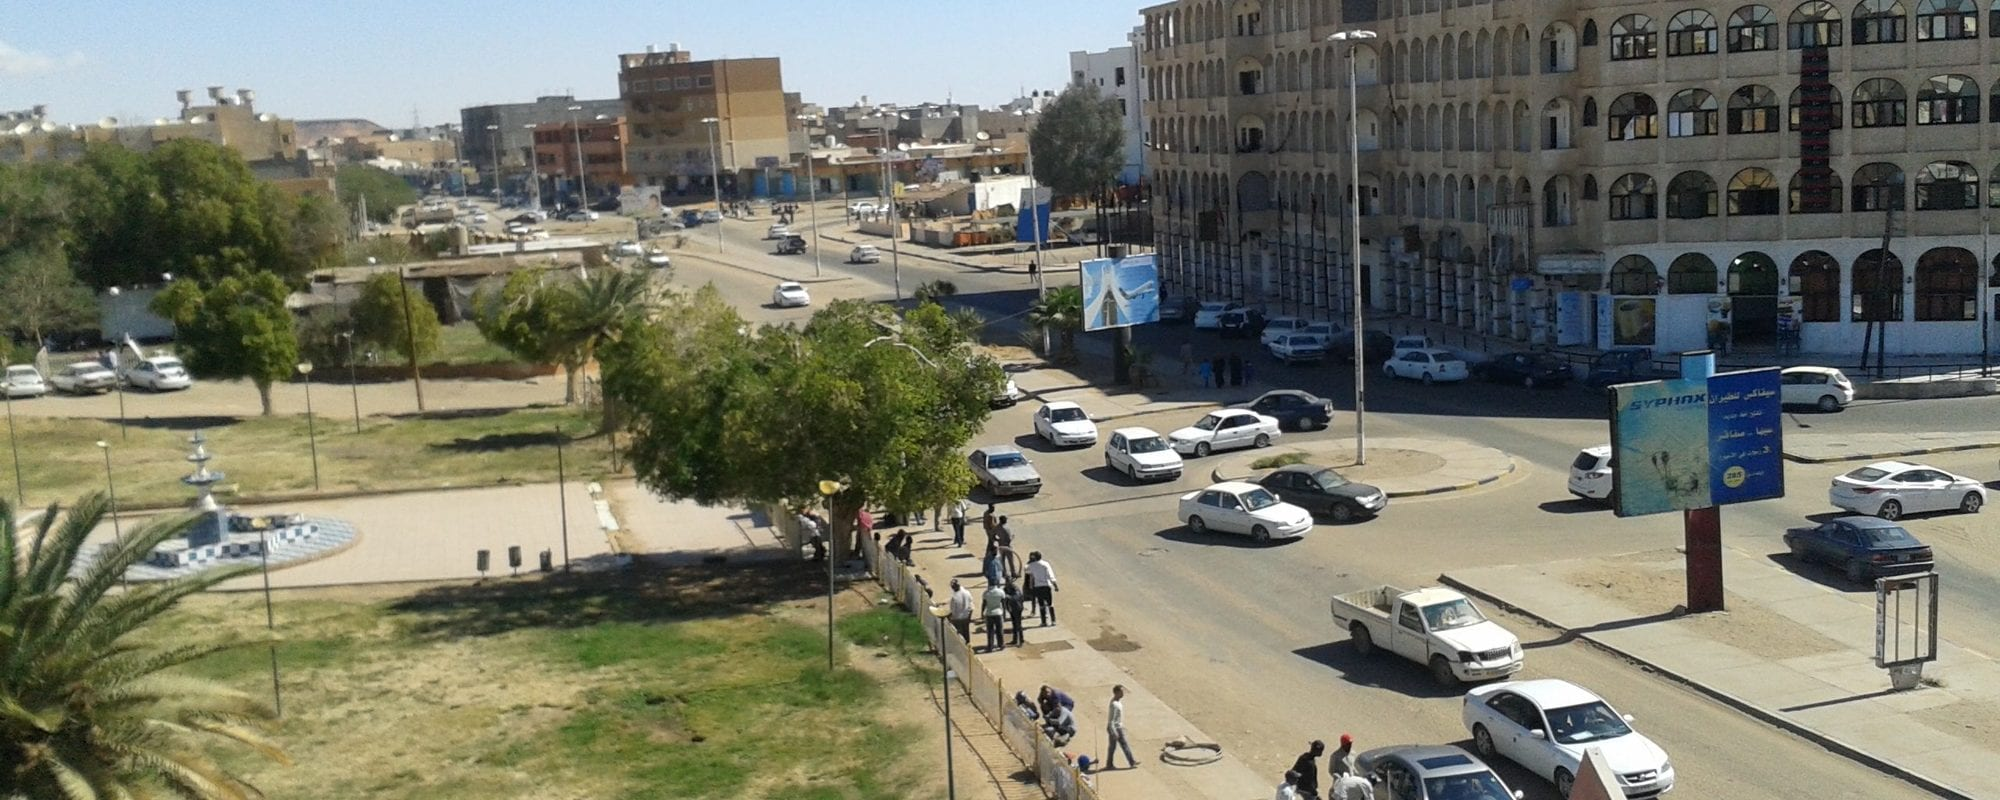 مقاطعة سبها في ليبيا